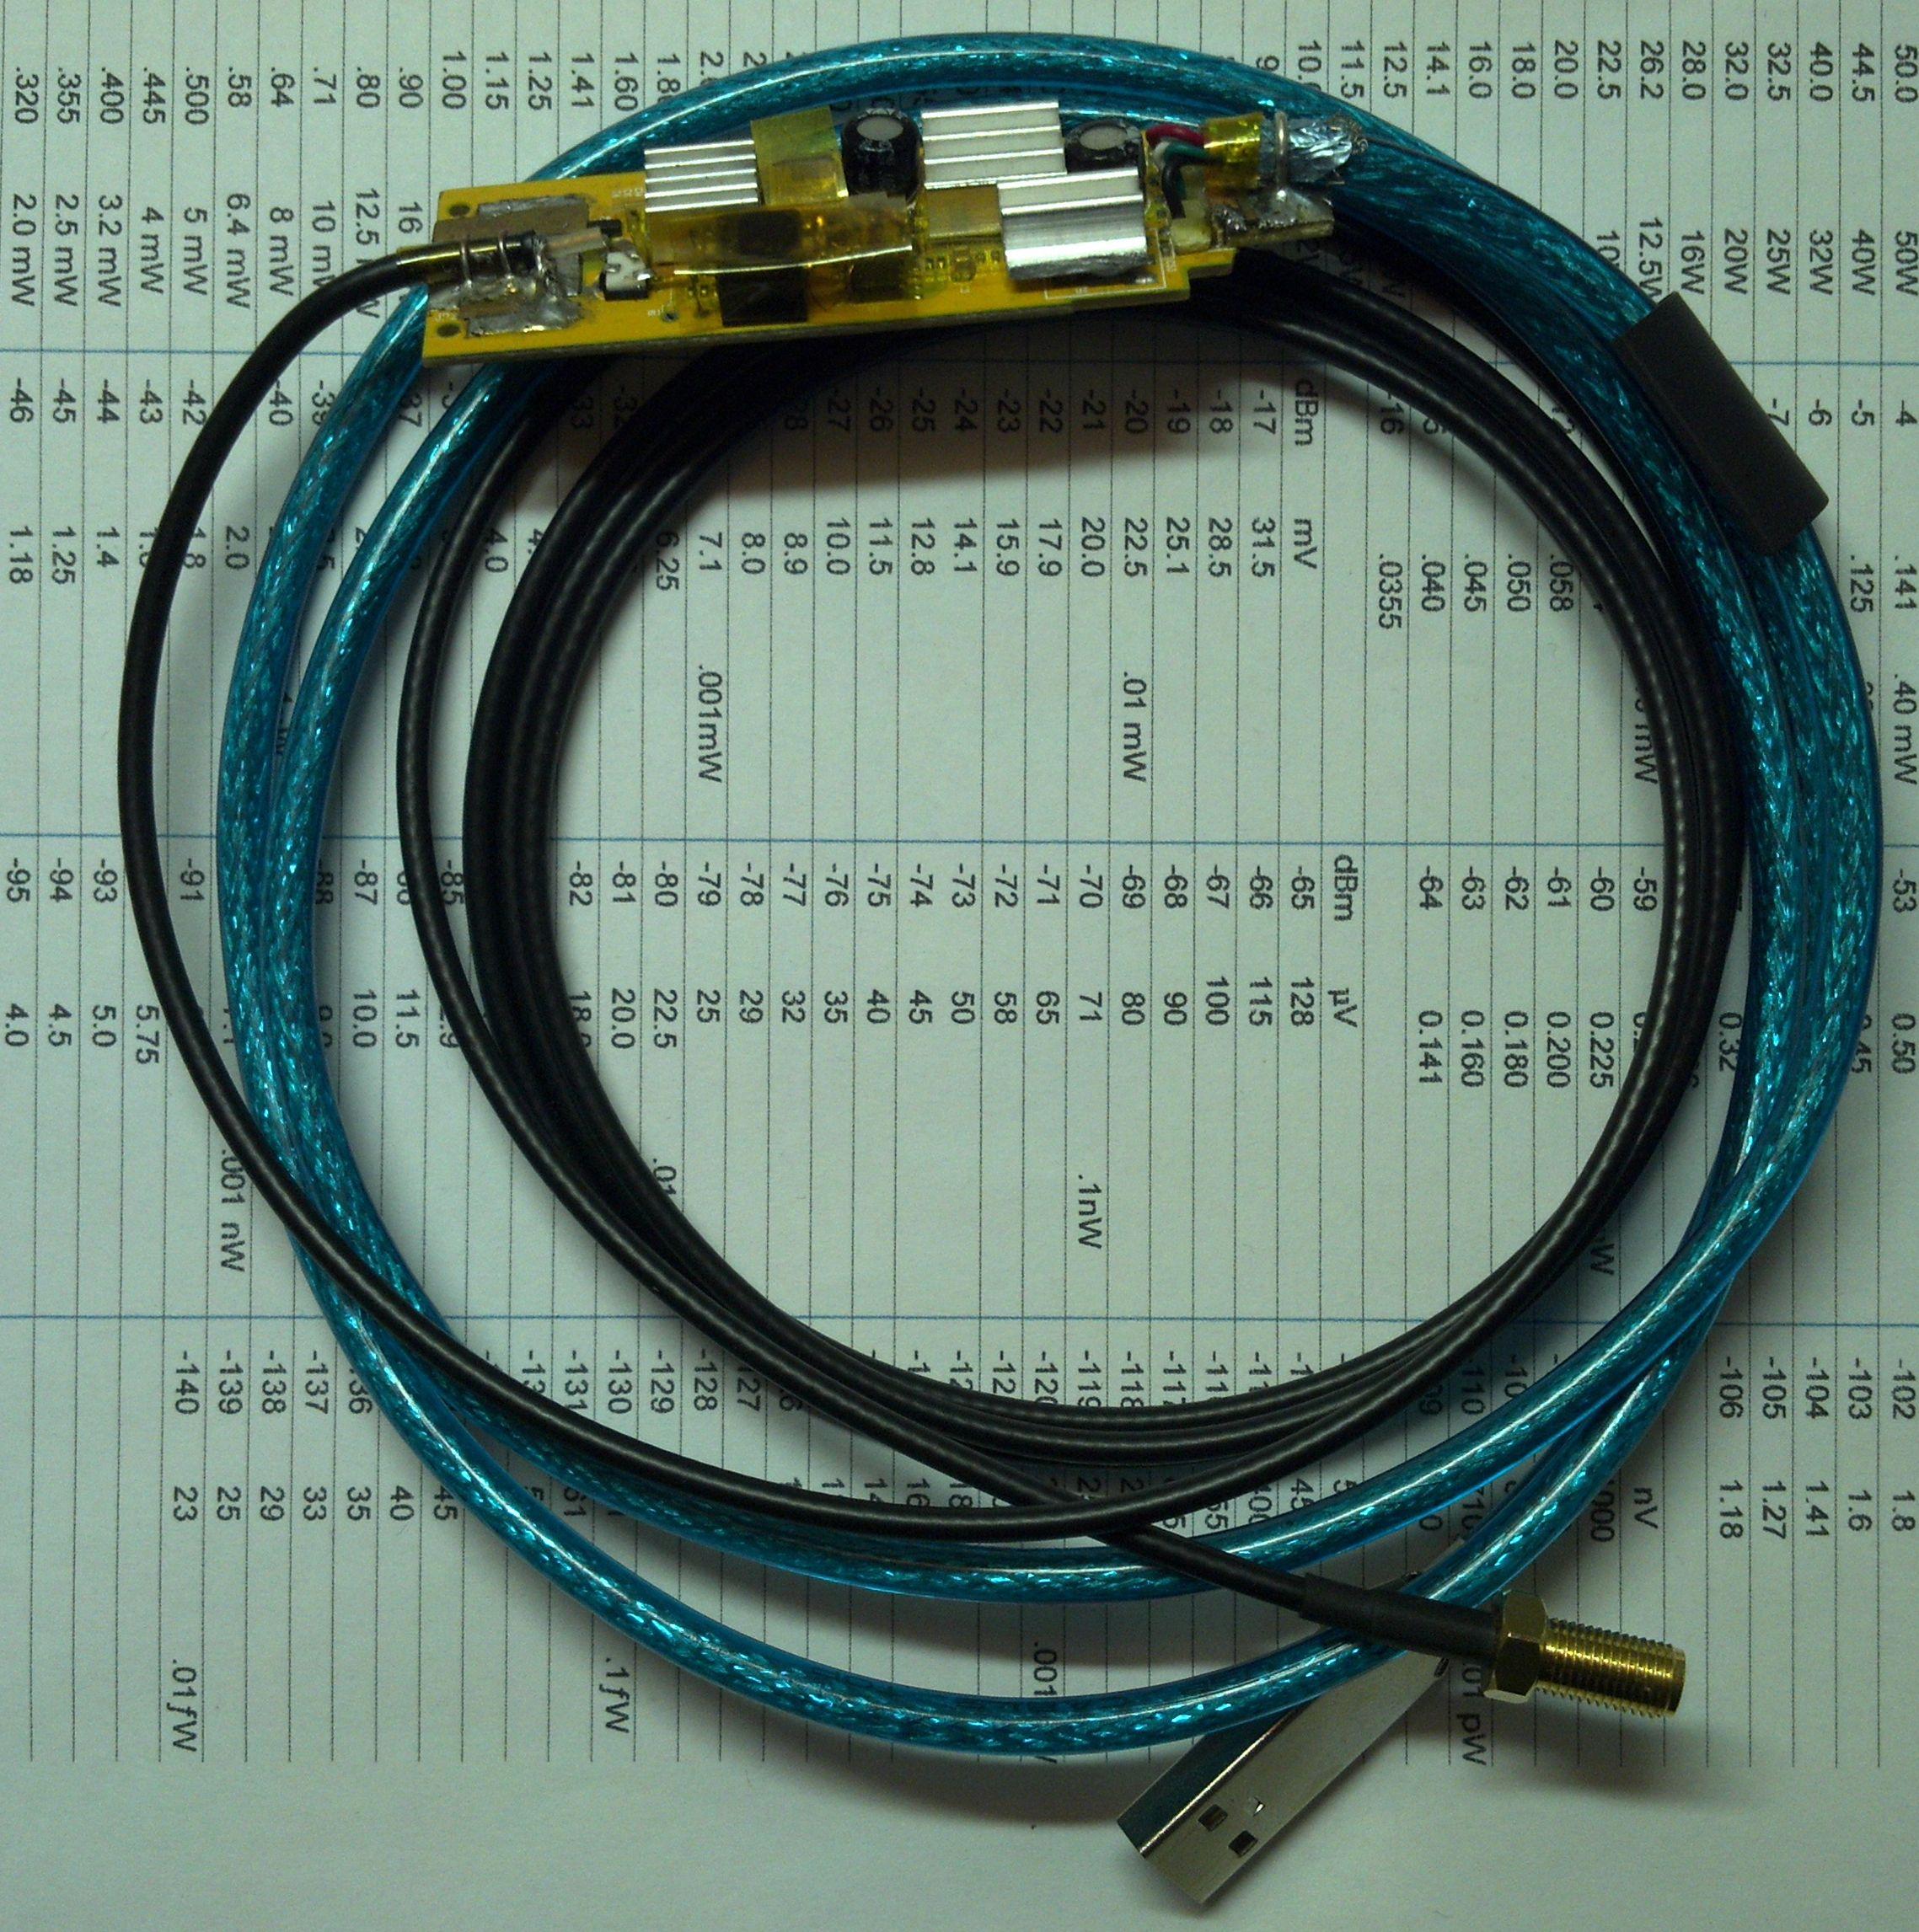 Upraveny SDR prijimac s RTL2832U a R820T - celkovy pohled